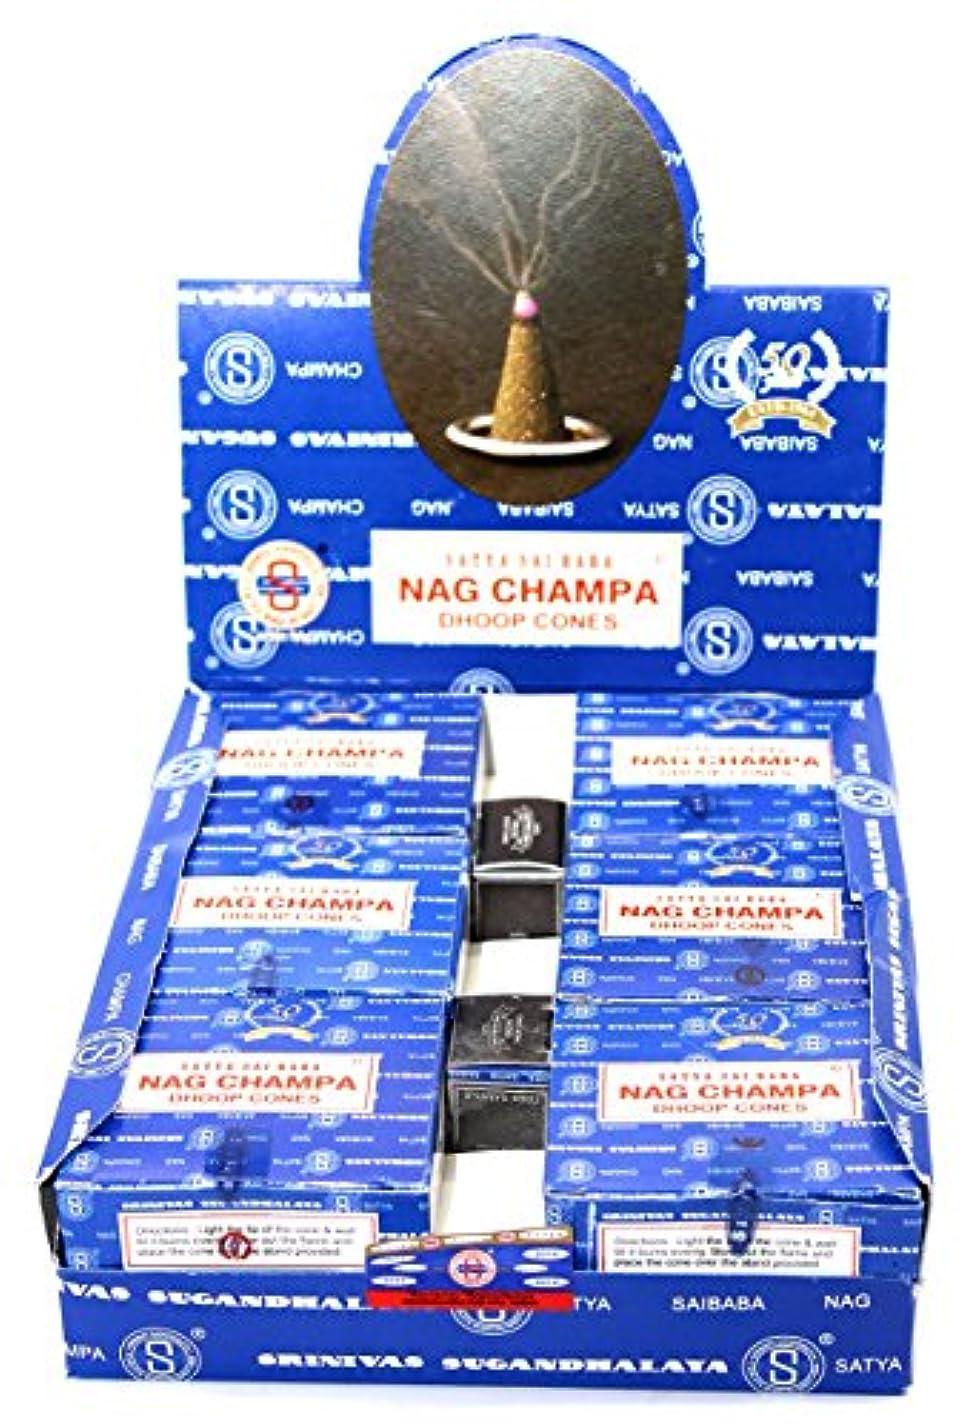 祝福するワードローブマーカーShrinivas Sugandhalaya Satya Sai Baba Nag Champa Incense Dhoop Cones, 144 Cones by Shrinivas Sugandhalaya